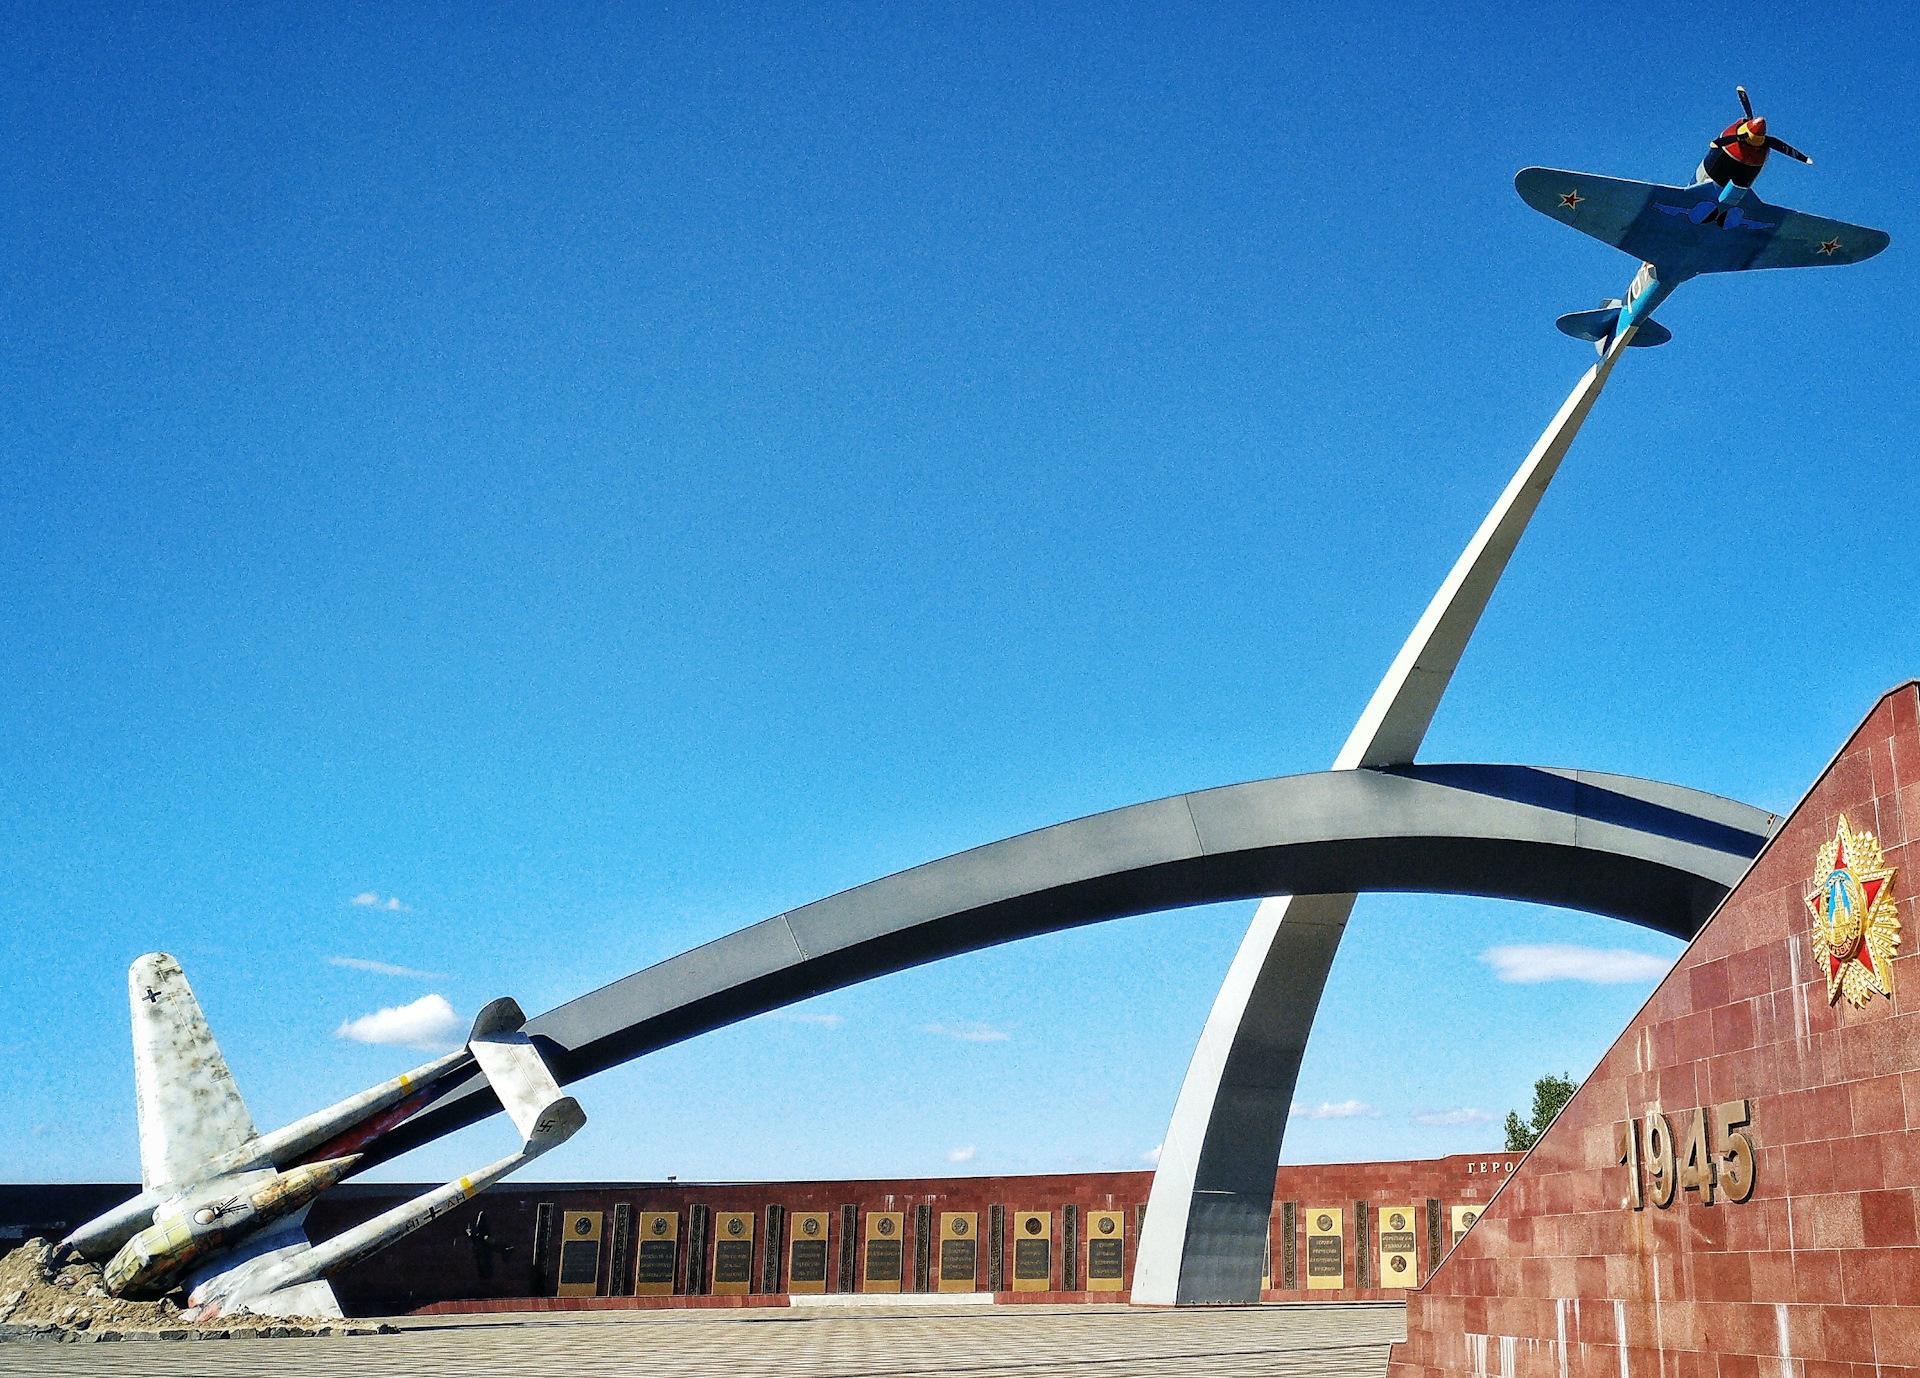 Памятник-стела «Летчикам— защитникам неба Москвы в годы ВОВ» (Москва)